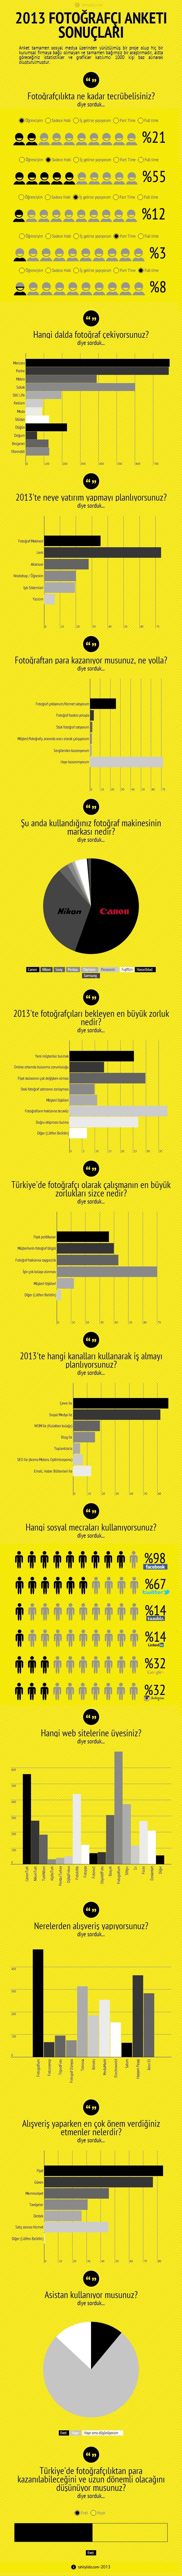 Fotoğrafçı Anketi 2013